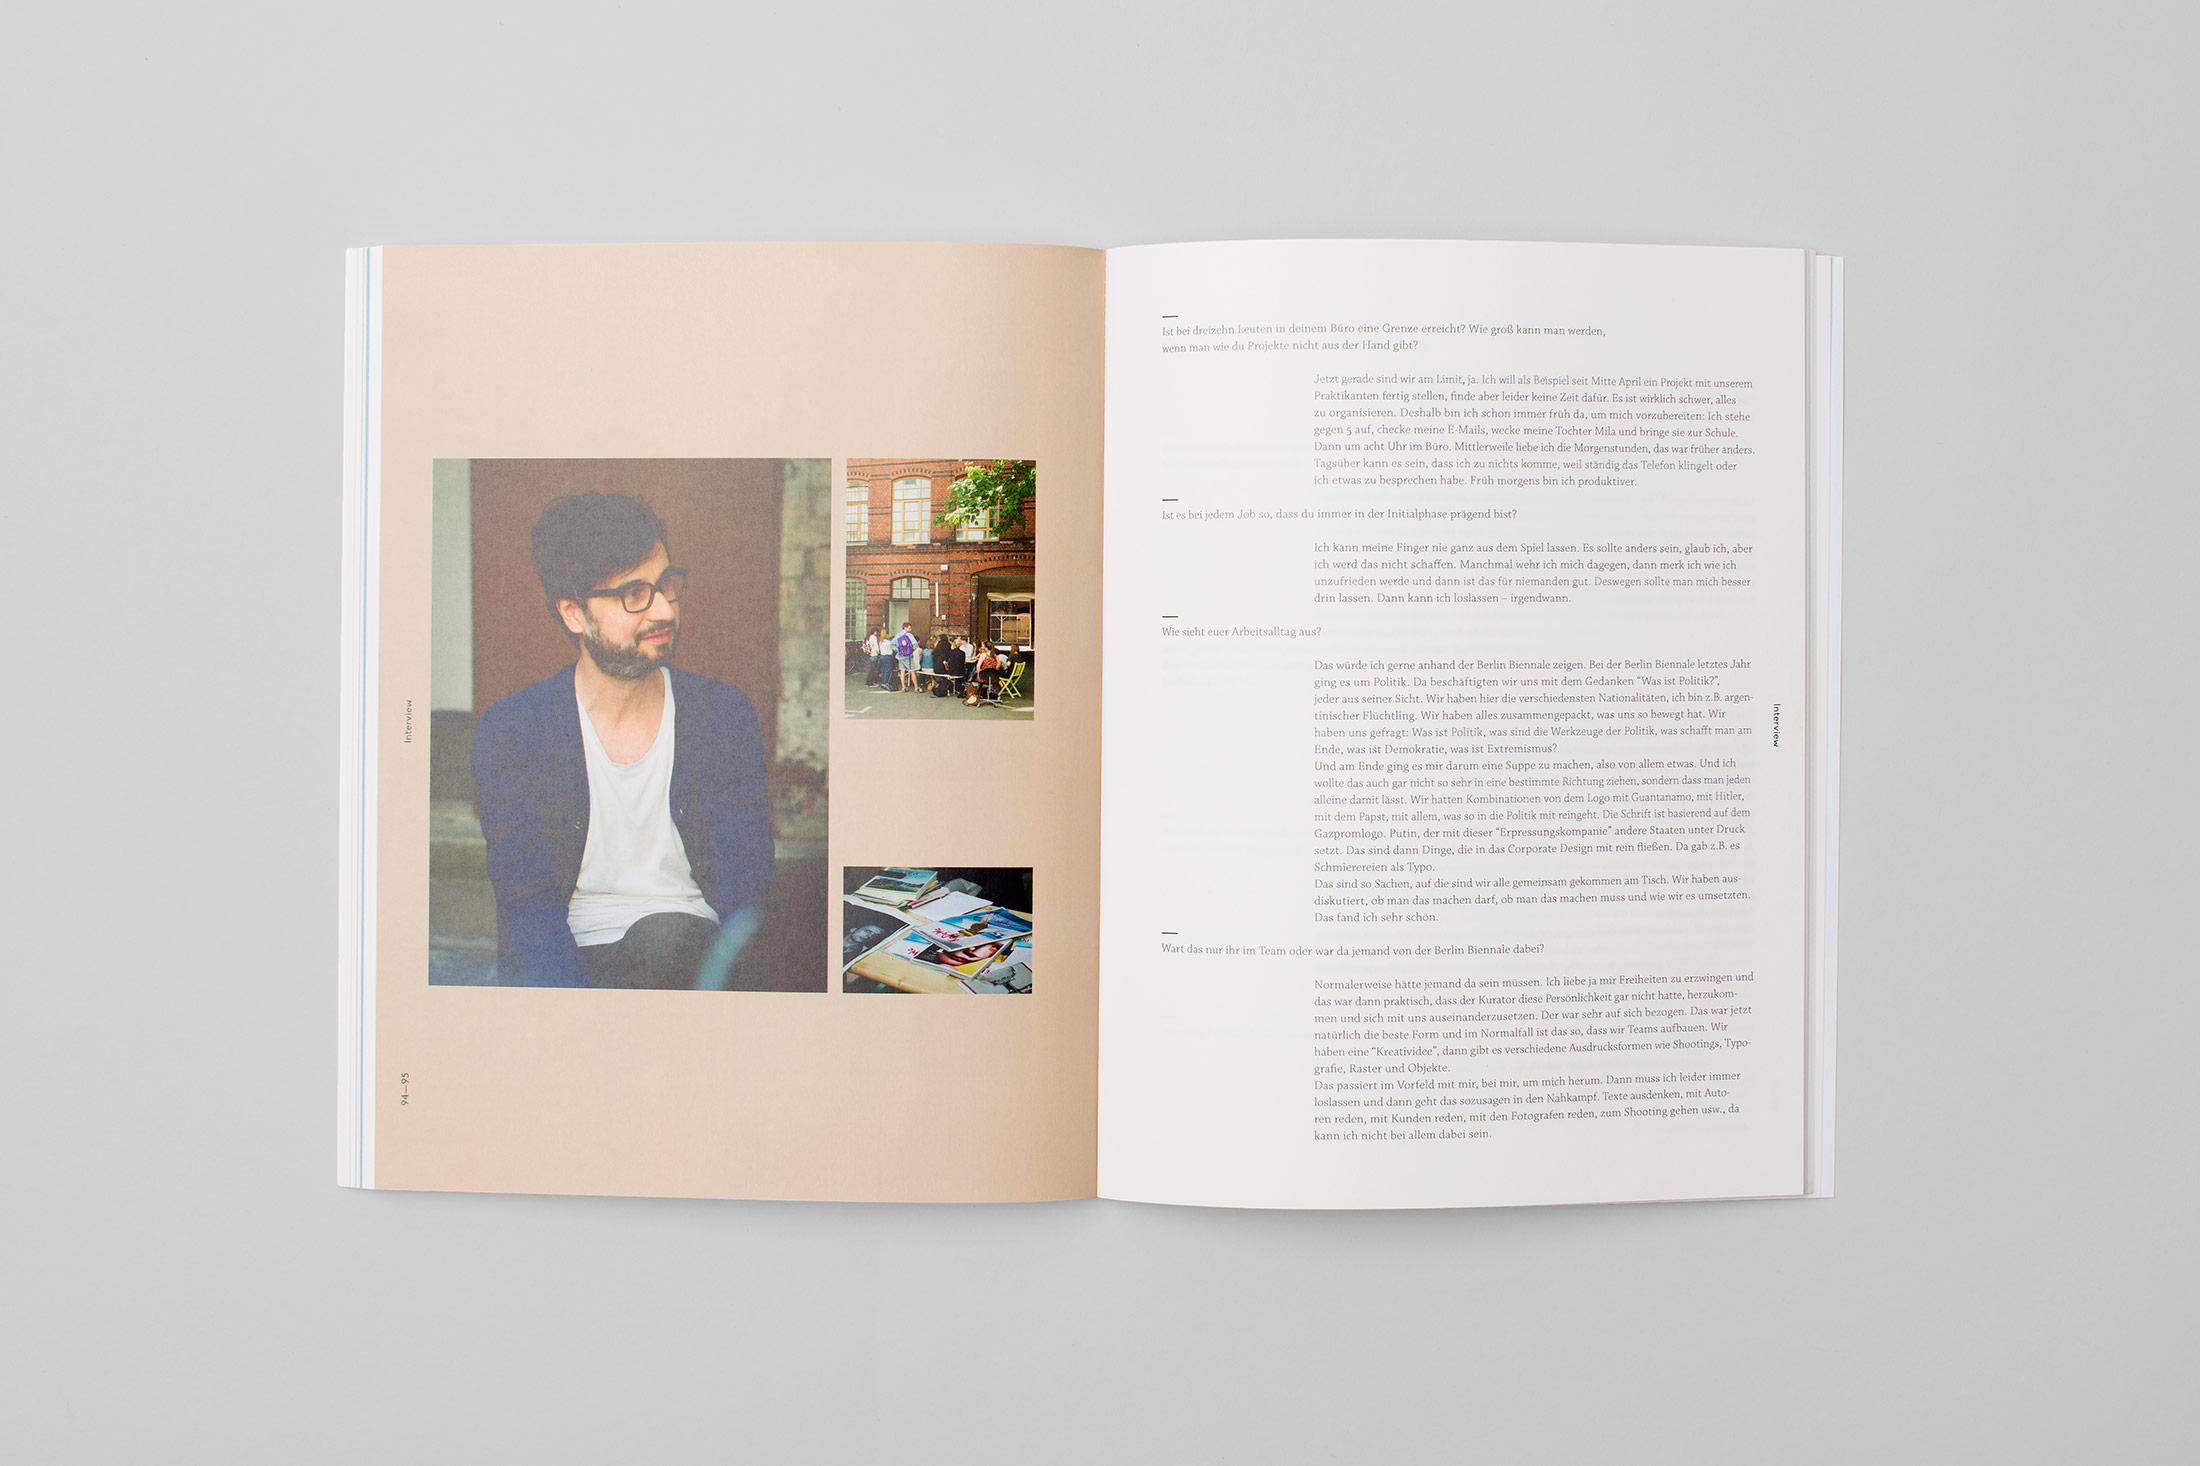 Magazinkultur_10-Mitja_Schneehage